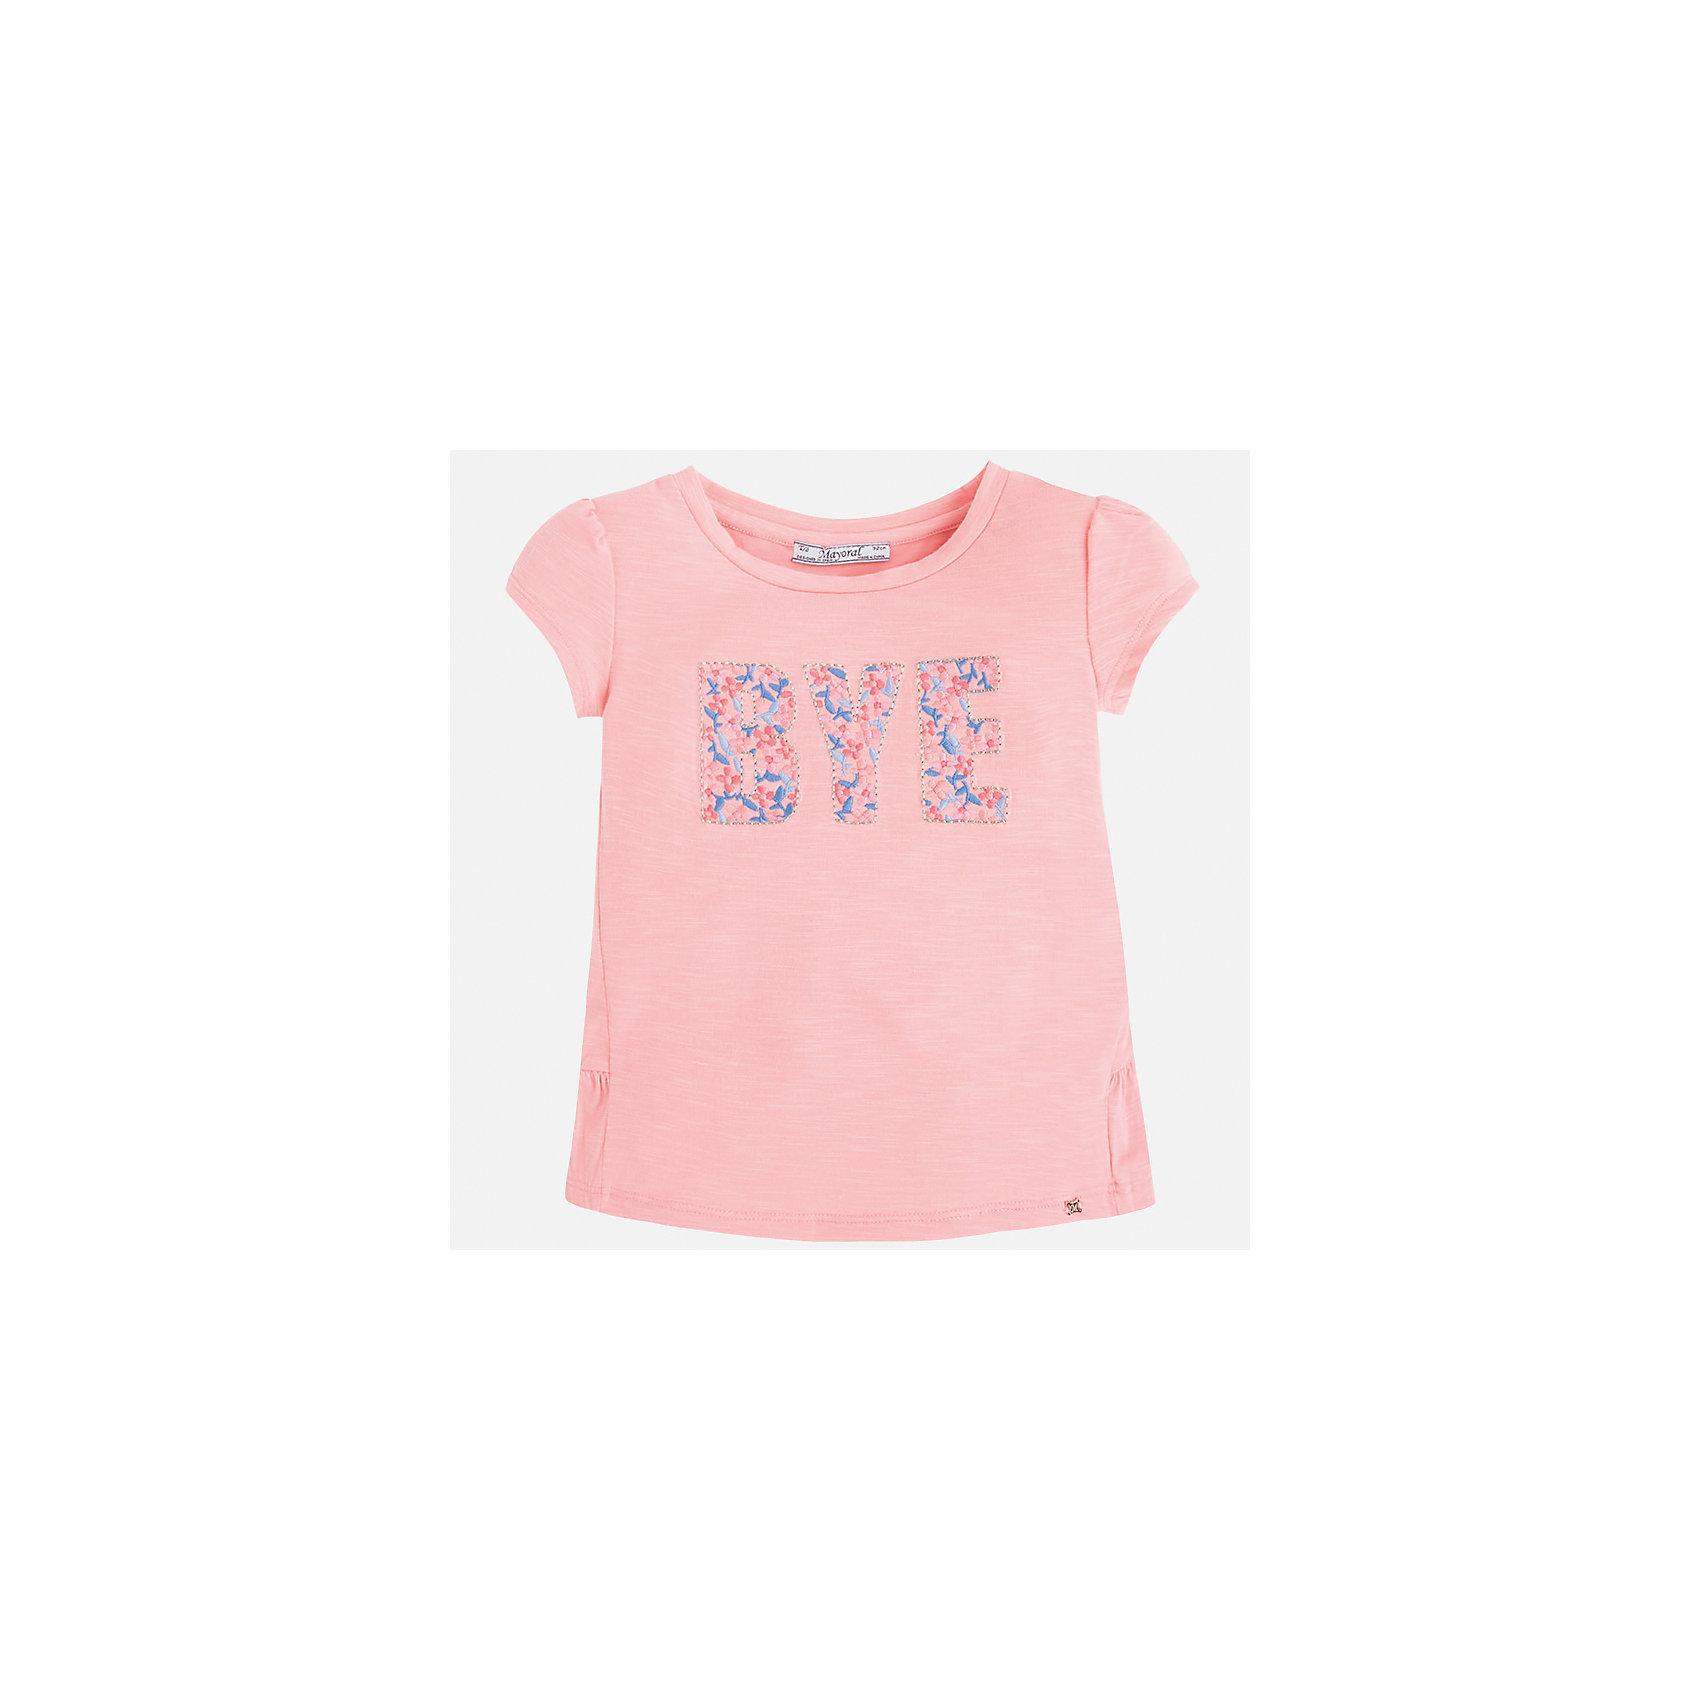 Футболка для девочки MayoralХарактеристики товара:<br><br>• цвет: розовый<br>• состав: 68% полиэстер, 28% вискоза, 4% эластан<br>• сложный крой<br>• декорирована принтом<br>• короткие рукава<br>• страна бренда: Испания<br><br>Модная оригинальная футболка для девочки поможет разнообразить гардероб ребенка и украсить наряд. Она отлично сочетается и с юбками, и с шортами, и с брюками. Универсальный цвет позволяет подобрать к вещи низ практически любой расцветки. Интересная отделка модели делает её нарядной и оригинальной. В составе материала - натуральный хлопок, гипоаллергенный, приятный на ощупь, дышащий.<br><br>Одежда, обувь и аксессуары от испанского бренда Mayoral полюбились детям и взрослым по всему миру. Модели этой марки - стильные и удобные. Для их производства используются только безопасные, качественные материалы и фурнитура. Порадуйте ребенка модными и красивыми вещами от Mayoral! <br><br>Футболку для девочки от испанского бренда Mayoral (Майорал) можно купить в нашем интернет-магазине.<br><br>Ширина мм: 199<br>Глубина мм: 10<br>Высота мм: 161<br>Вес г: 151<br>Цвет: розовый<br>Возраст от месяцев: 18<br>Возраст до месяцев: 24<br>Пол: Женский<br>Возраст: Детский<br>Размер: 92,104,122,128,134,116,98,110<br>SKU: 3992128